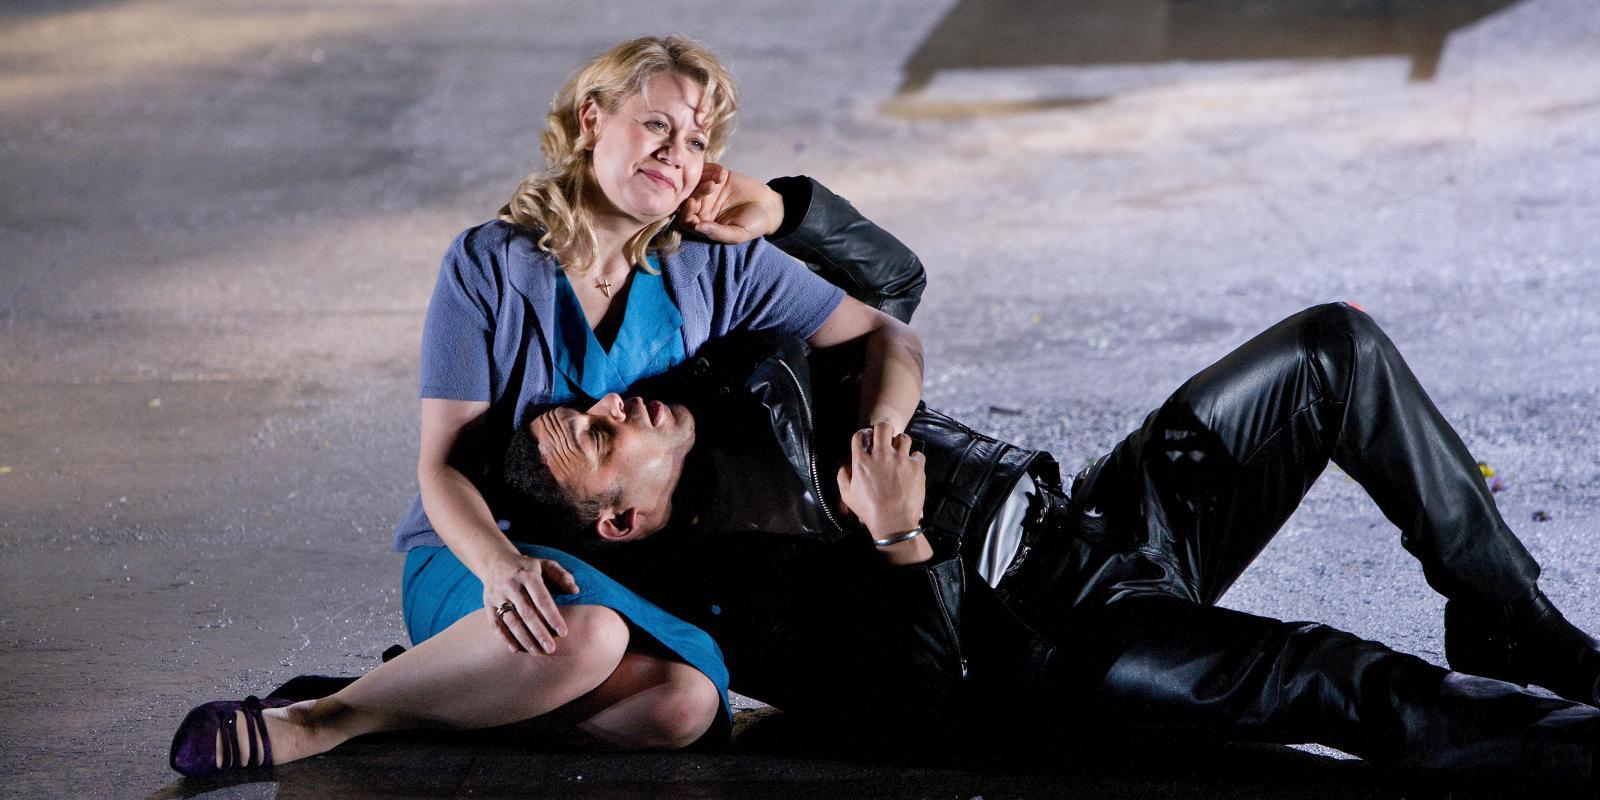 man lying on woman in blue dress in Jenufa